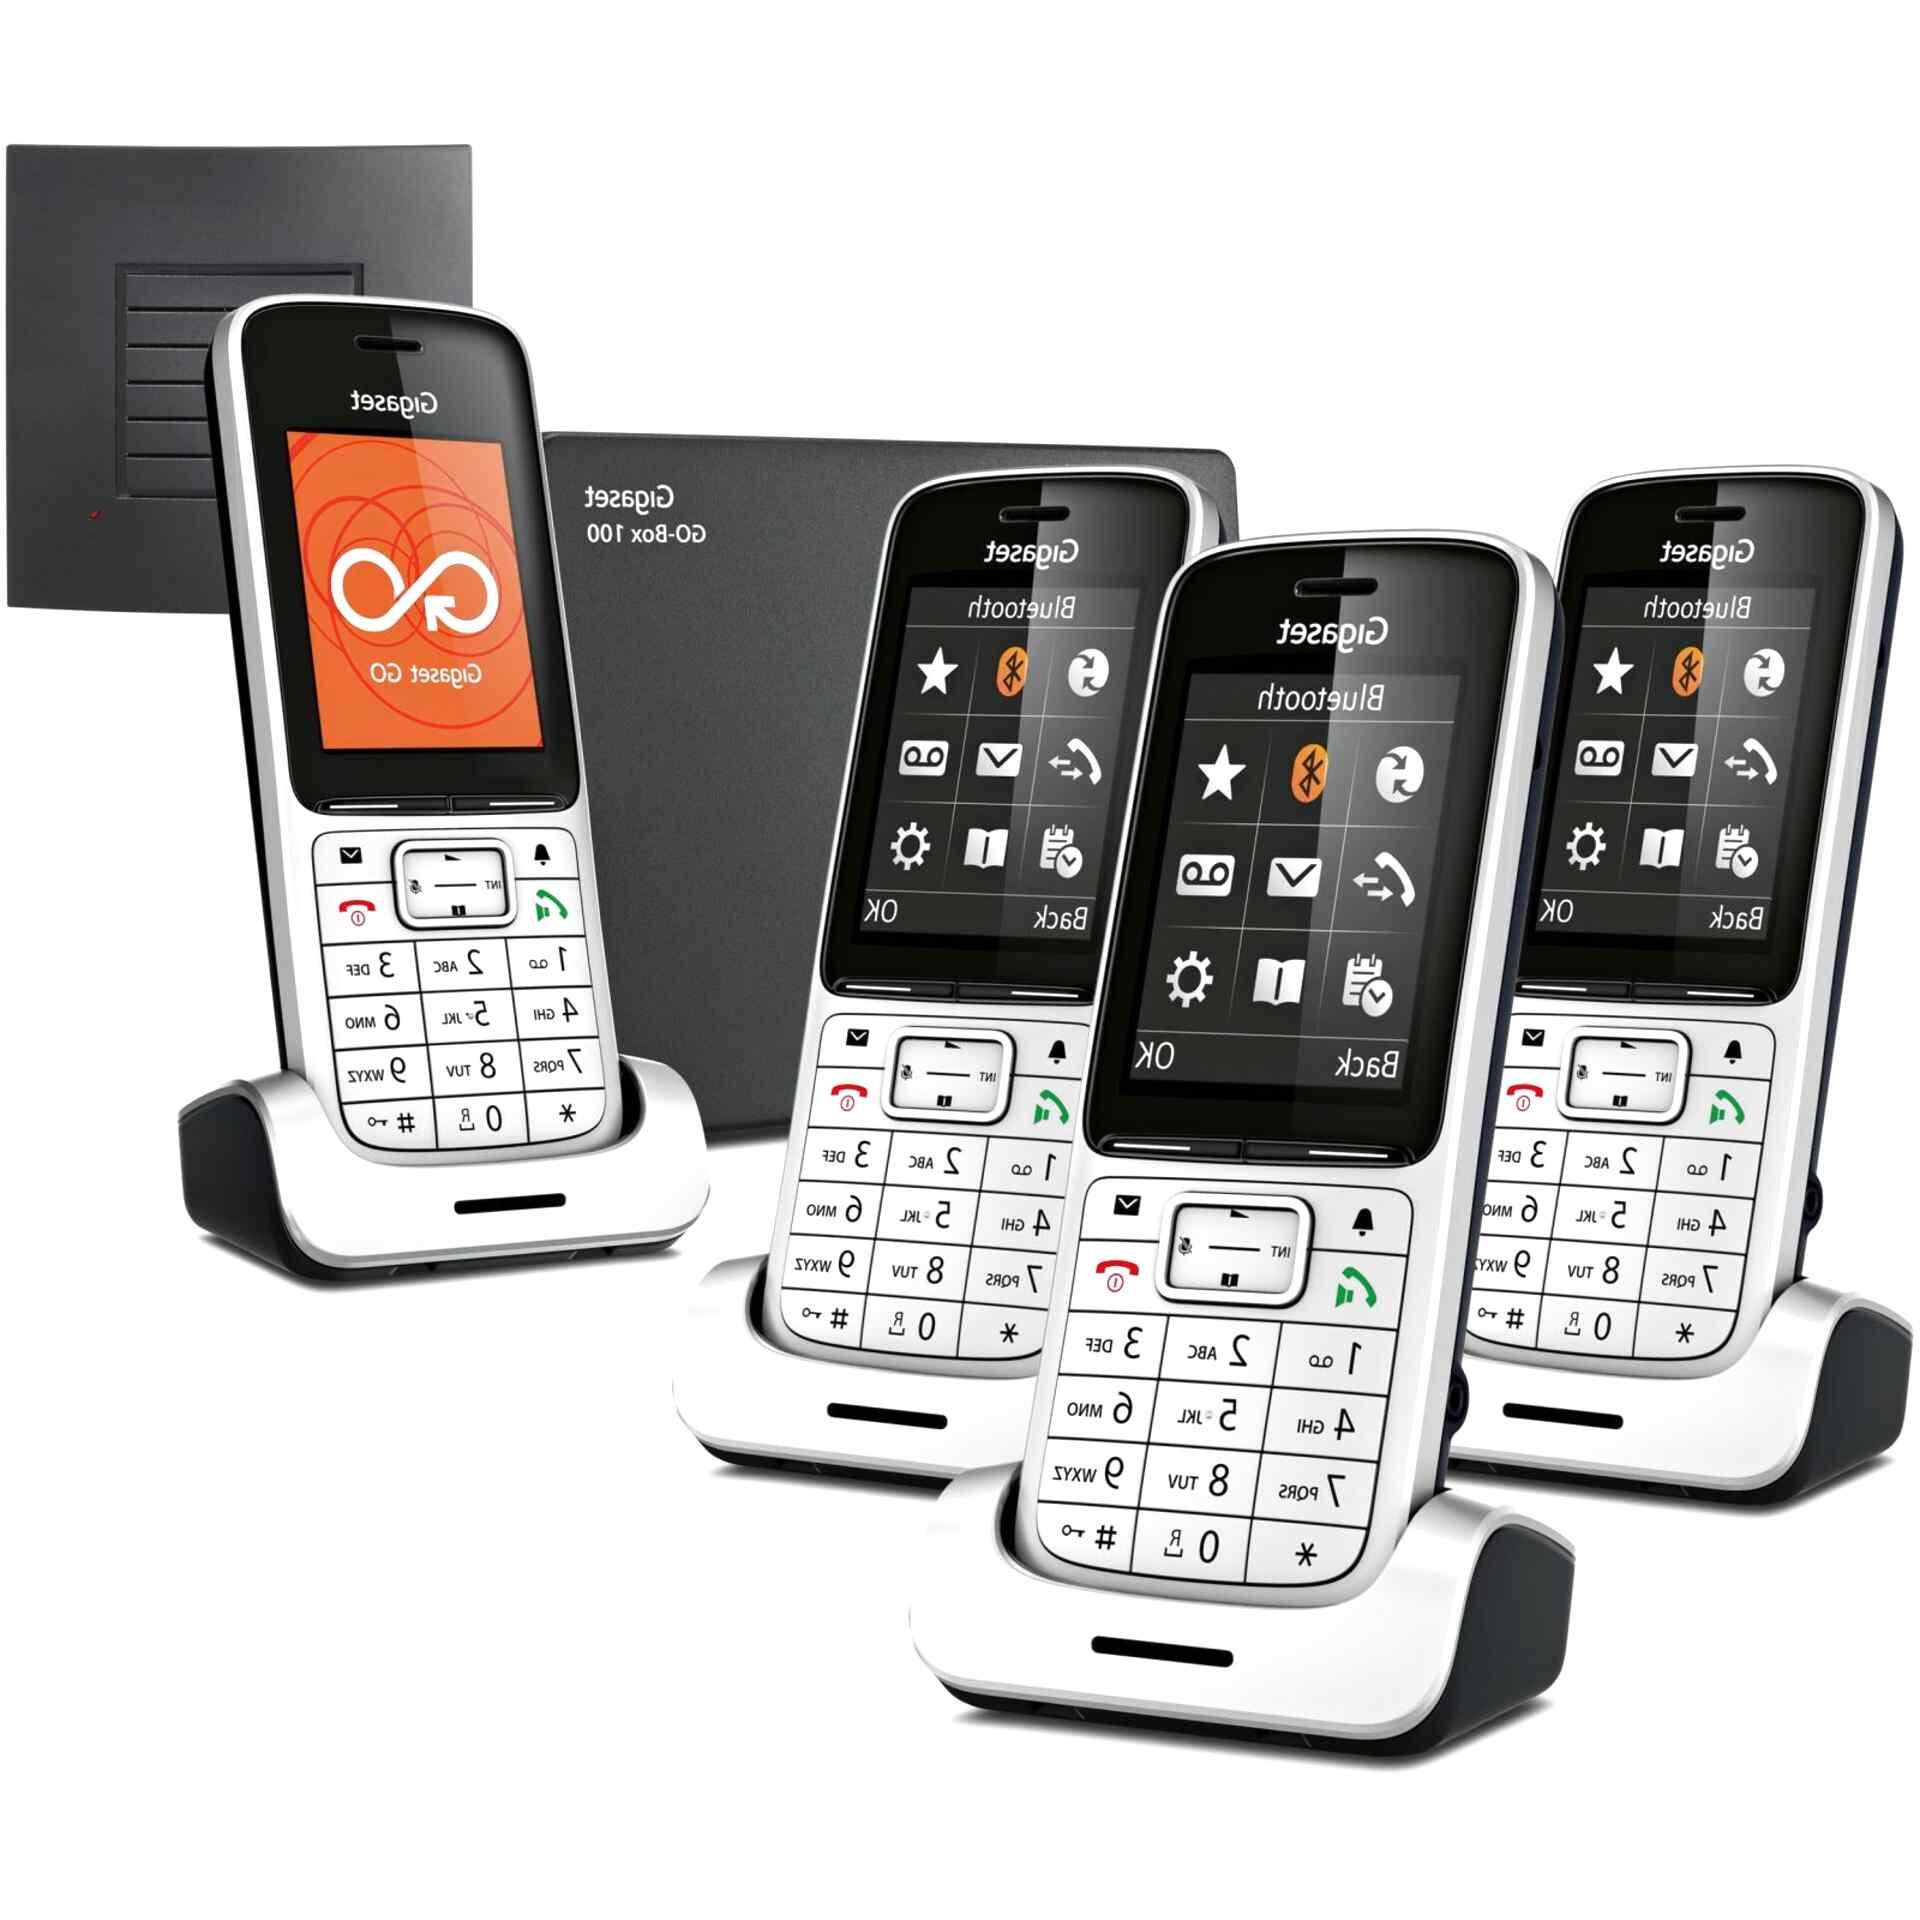 quad phones for sale